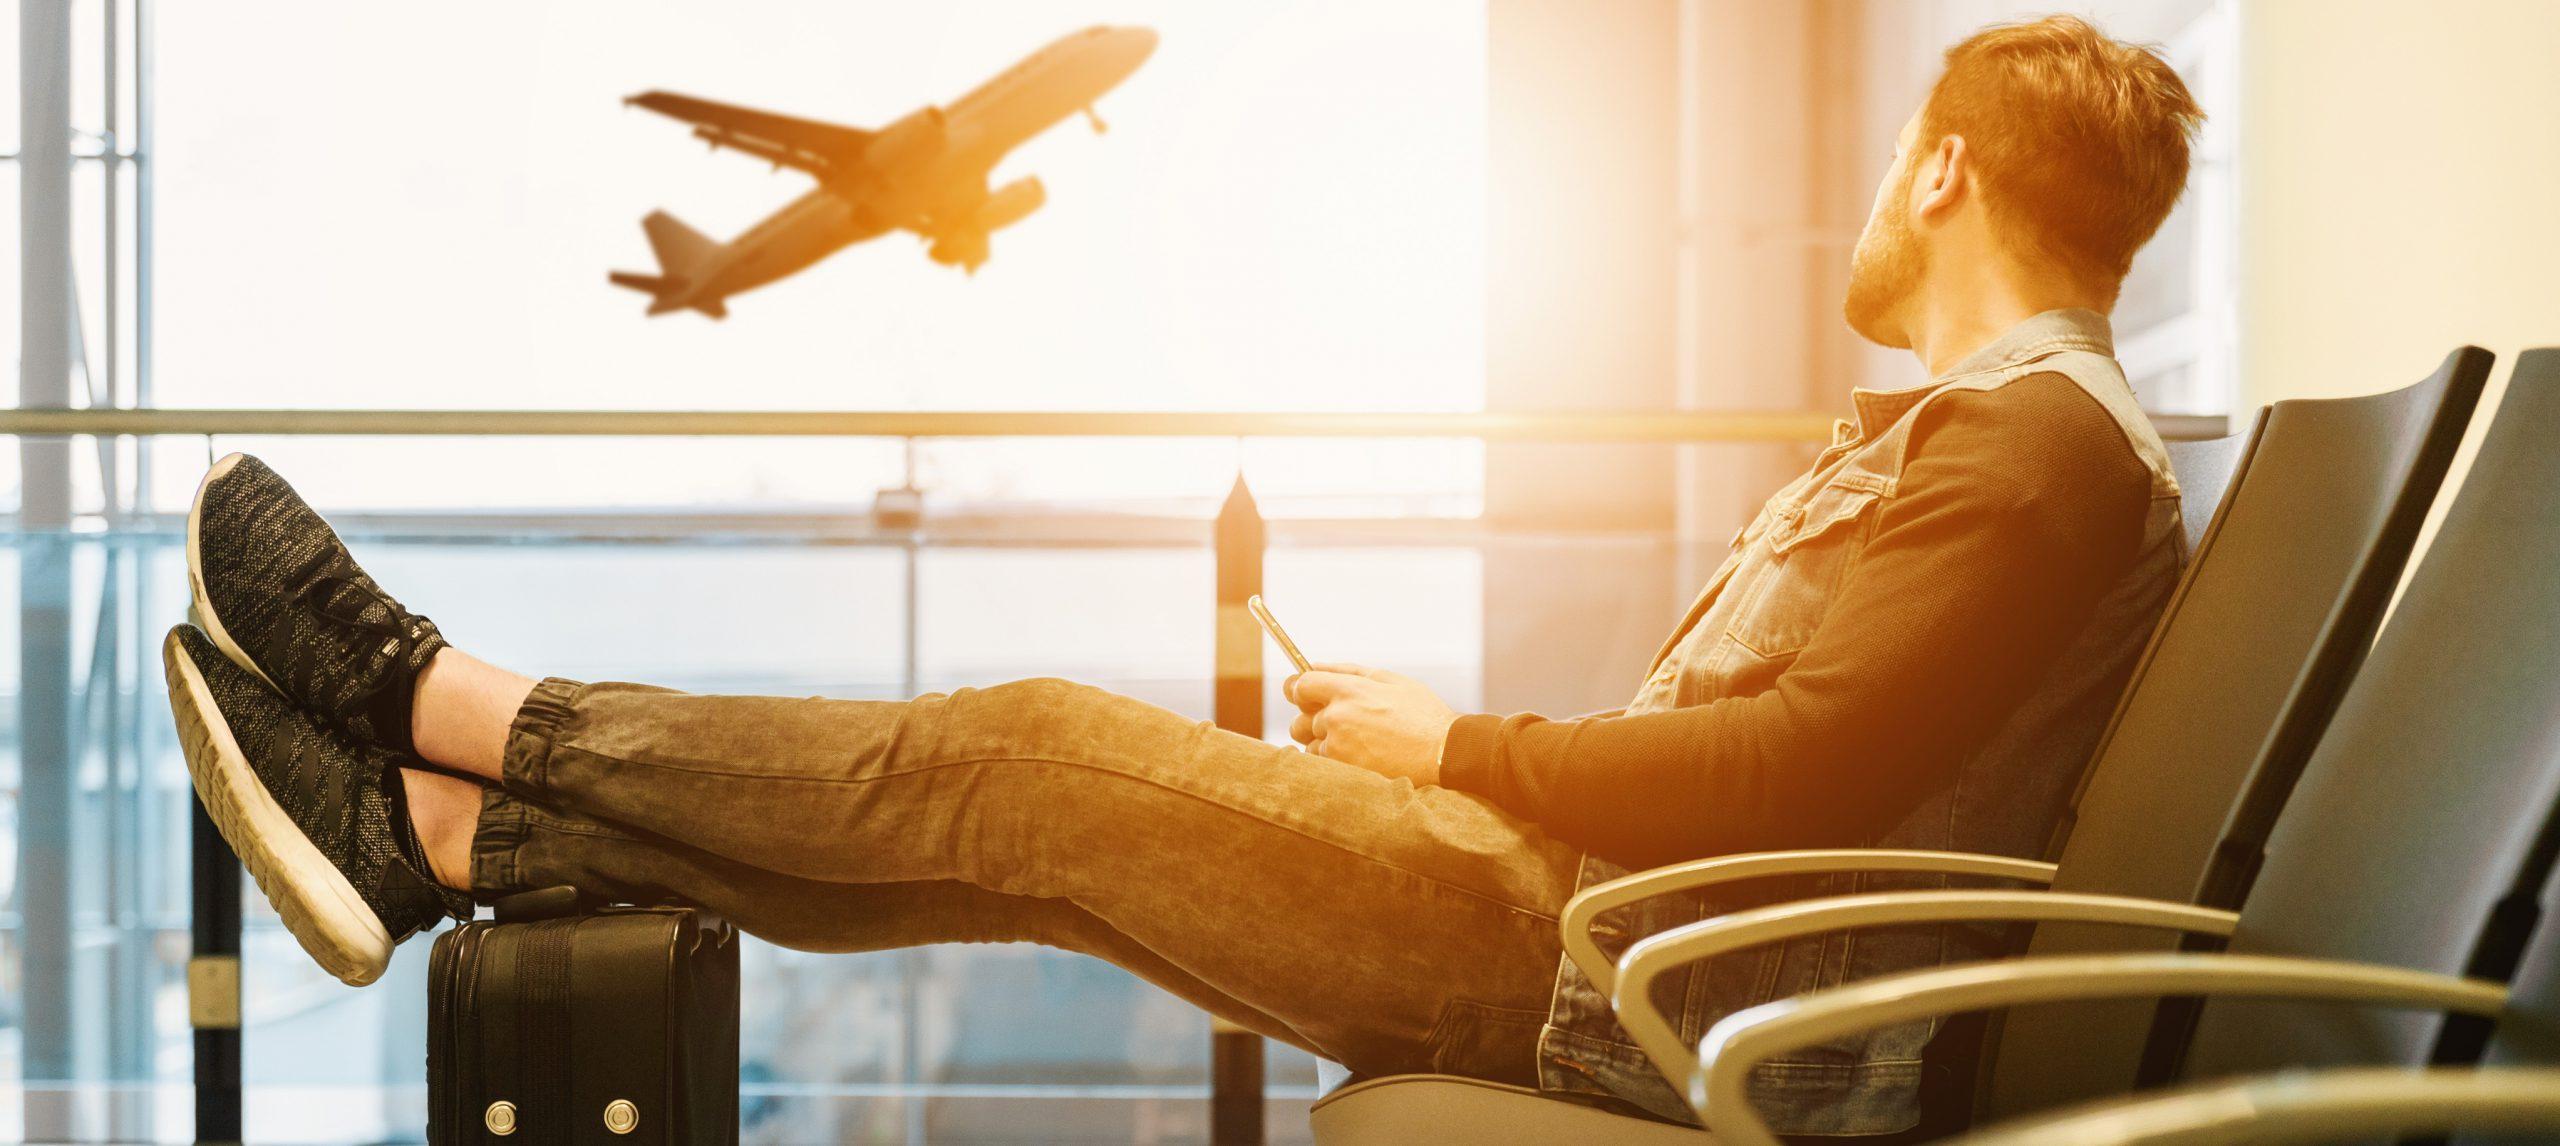 Männer aufgepasst – diese 5 Produkte erleichtern euer Leben beim Reisen